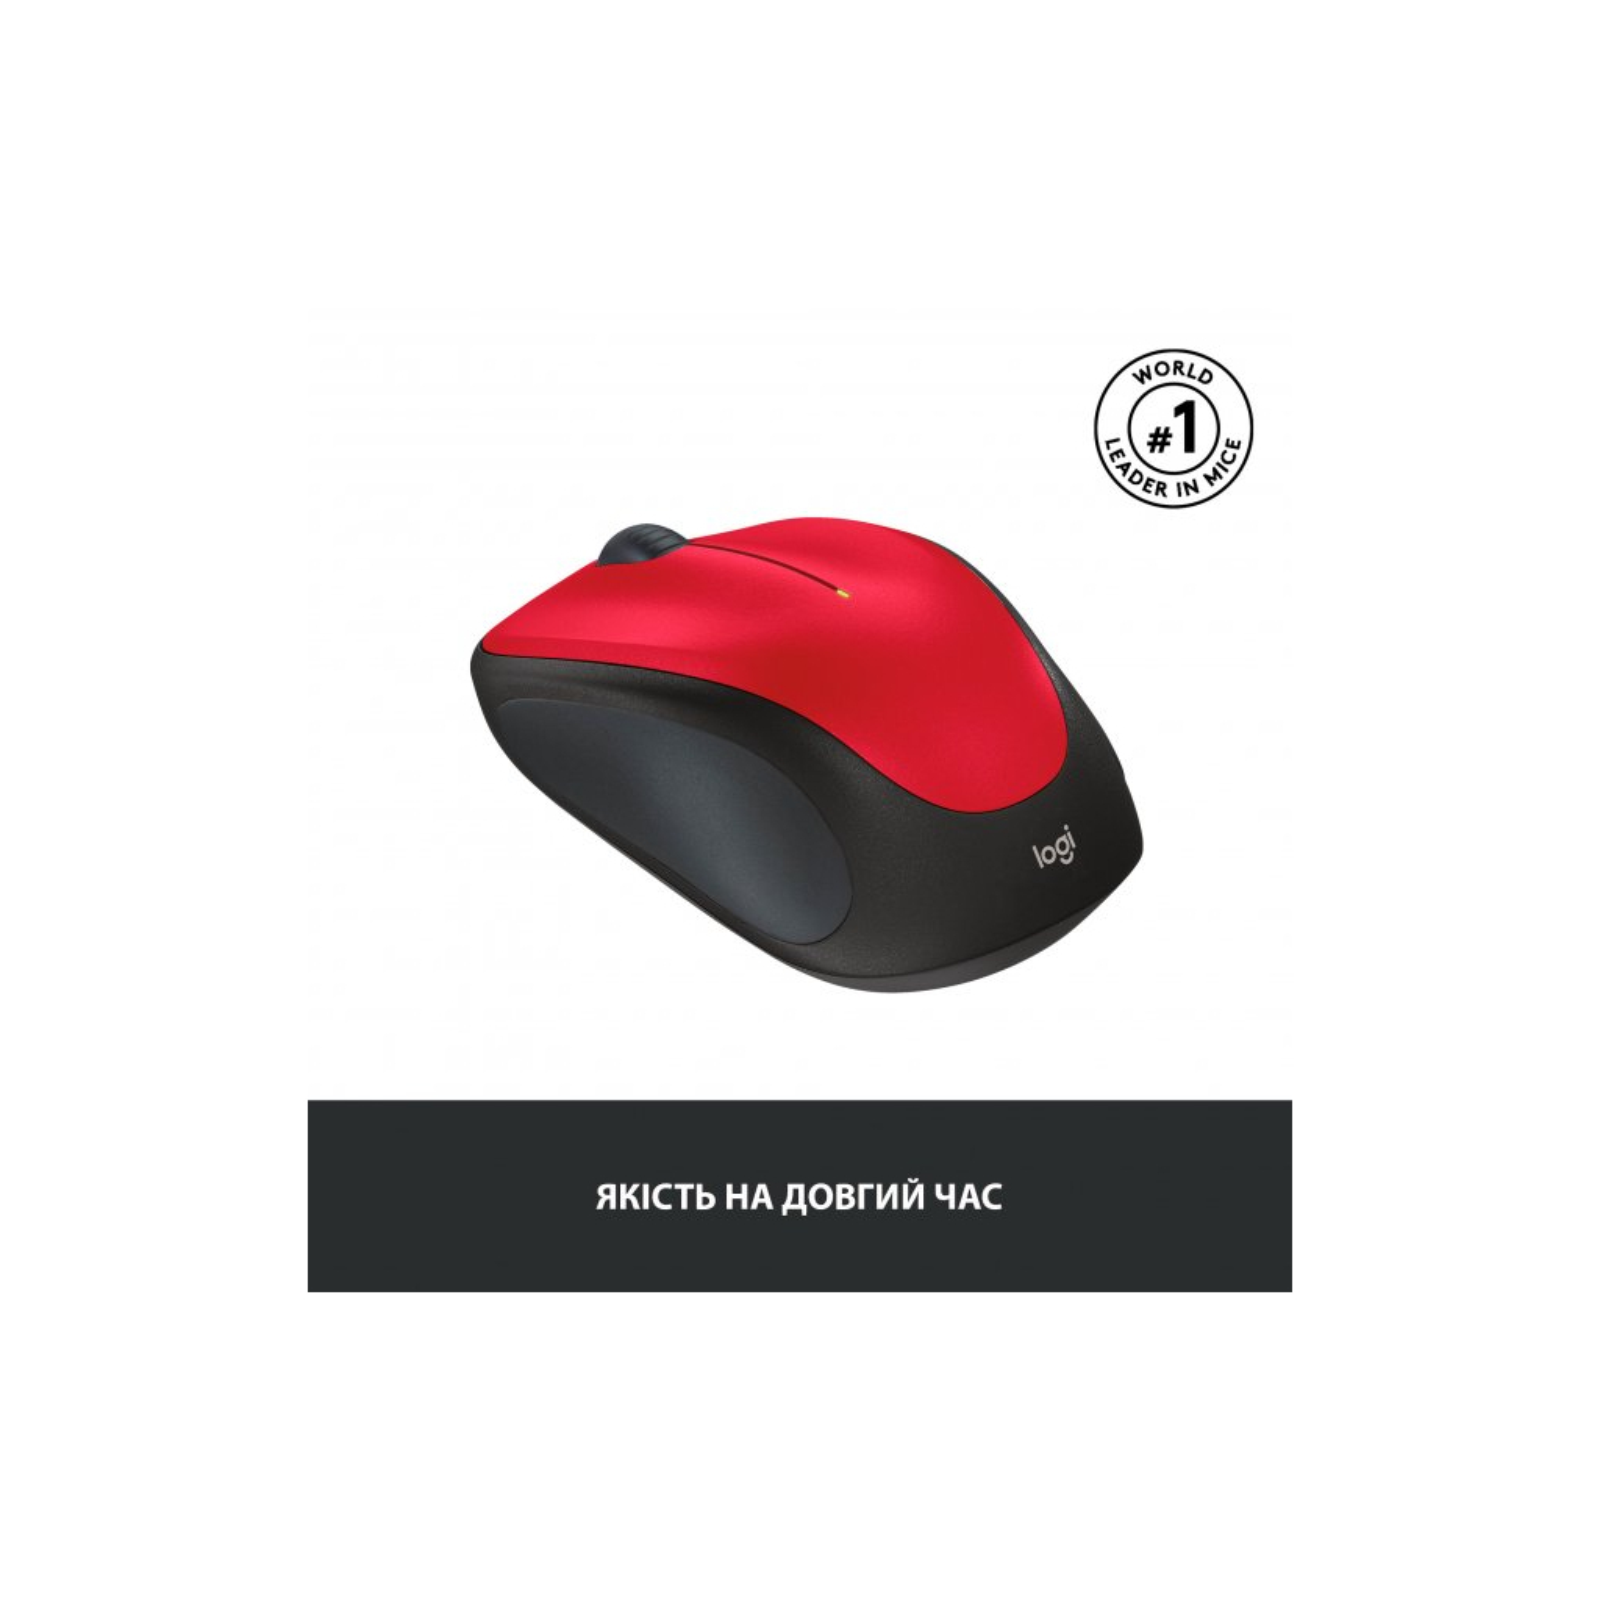 Мышка Logitech M235 Red (910-002496) изображение 4